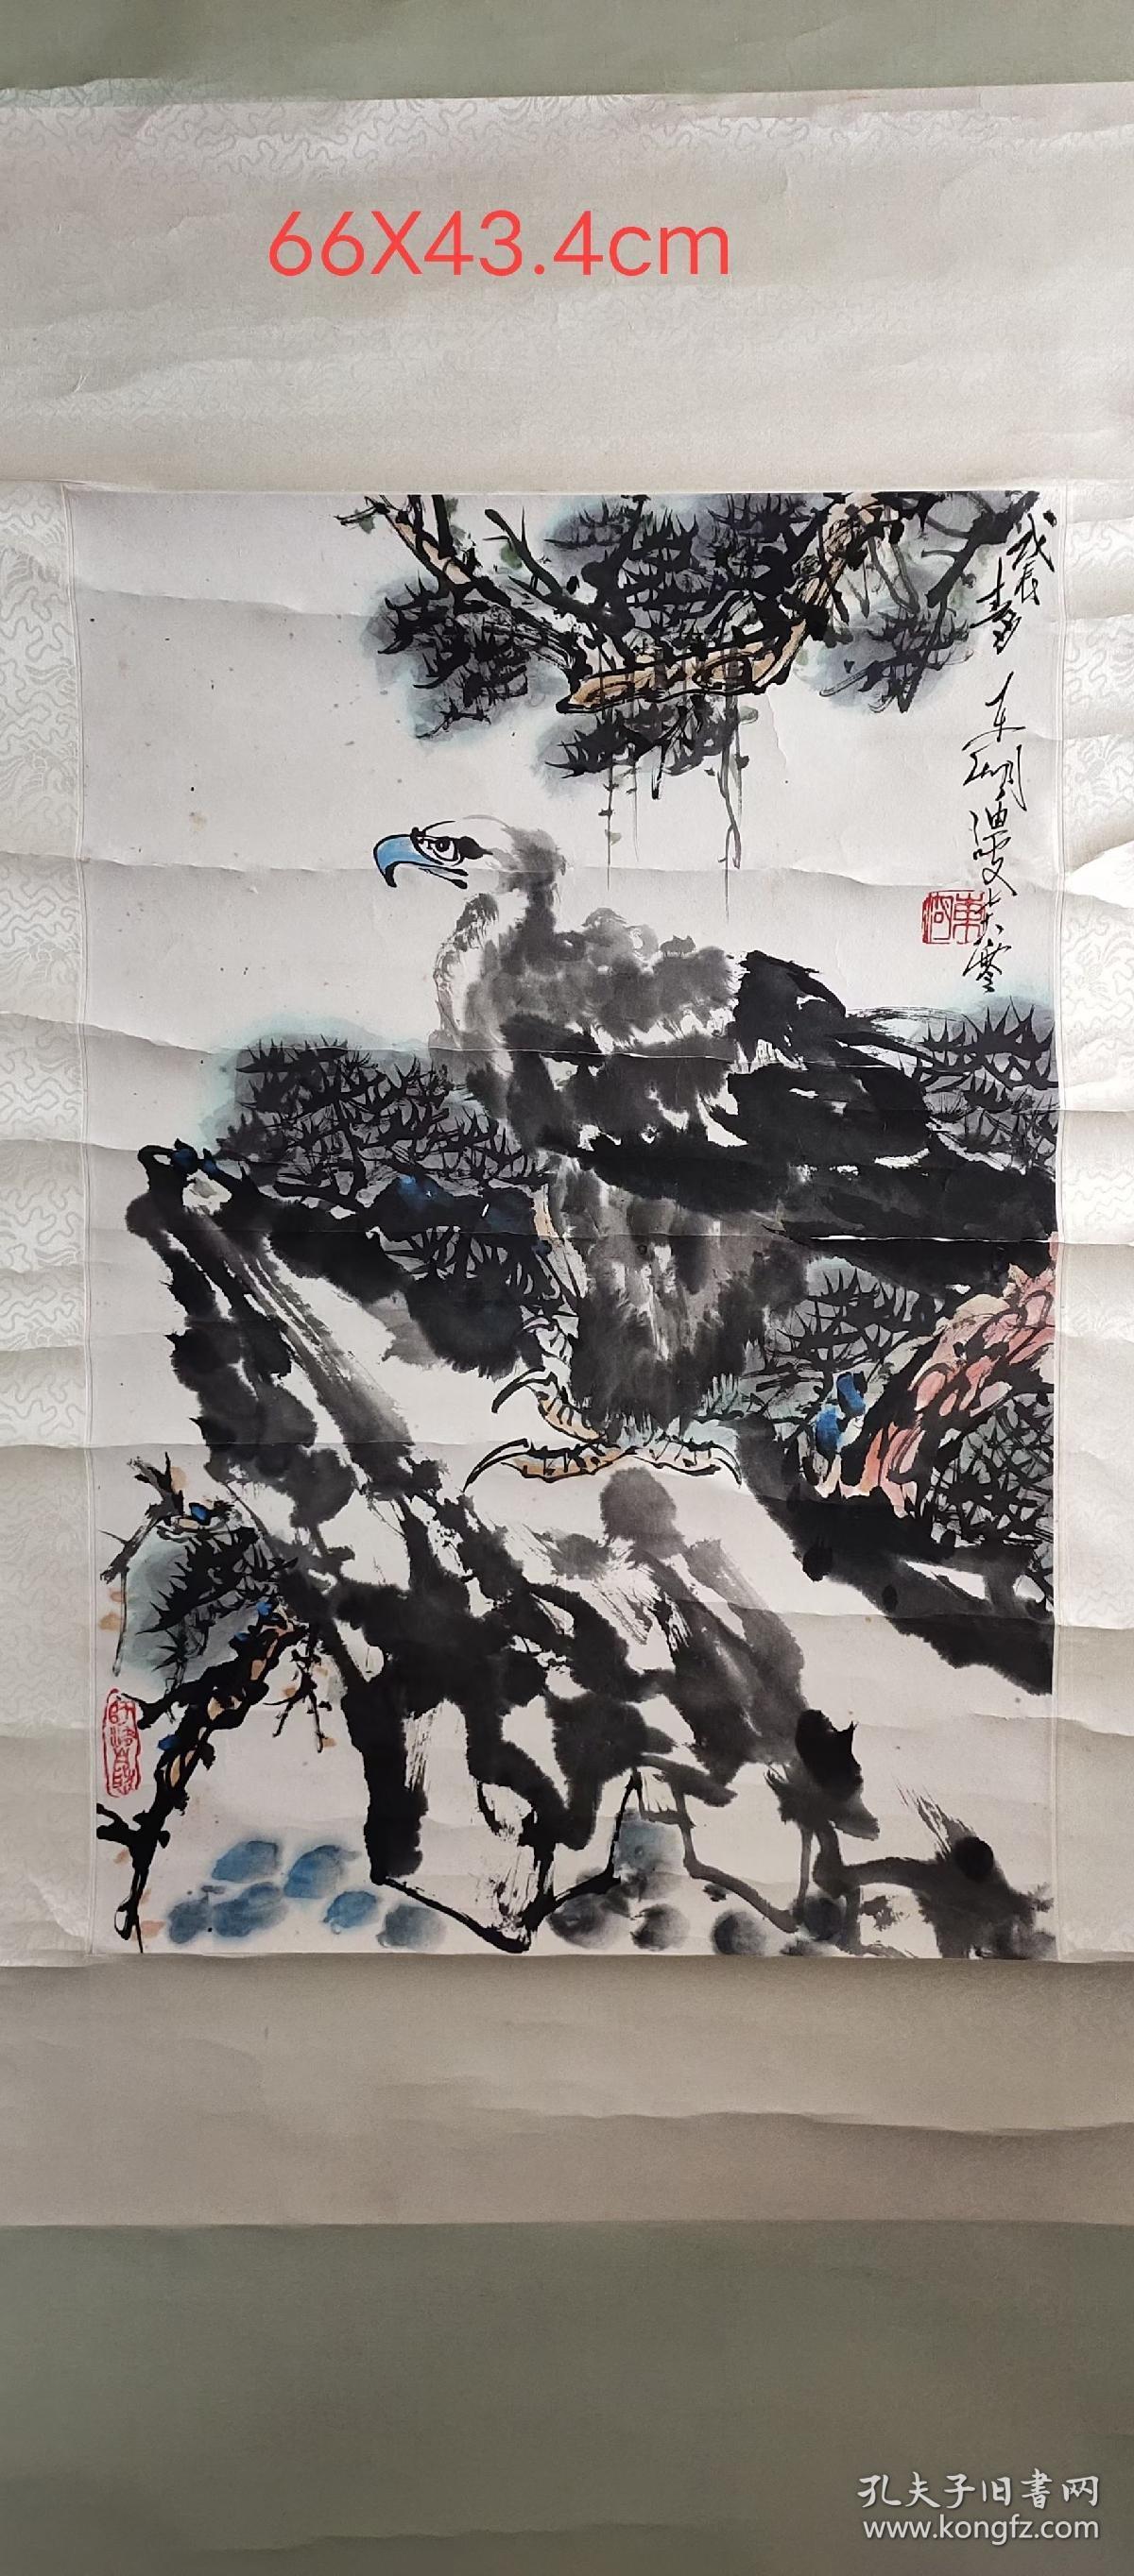 已故著名画家赵华岩先生手绘作品